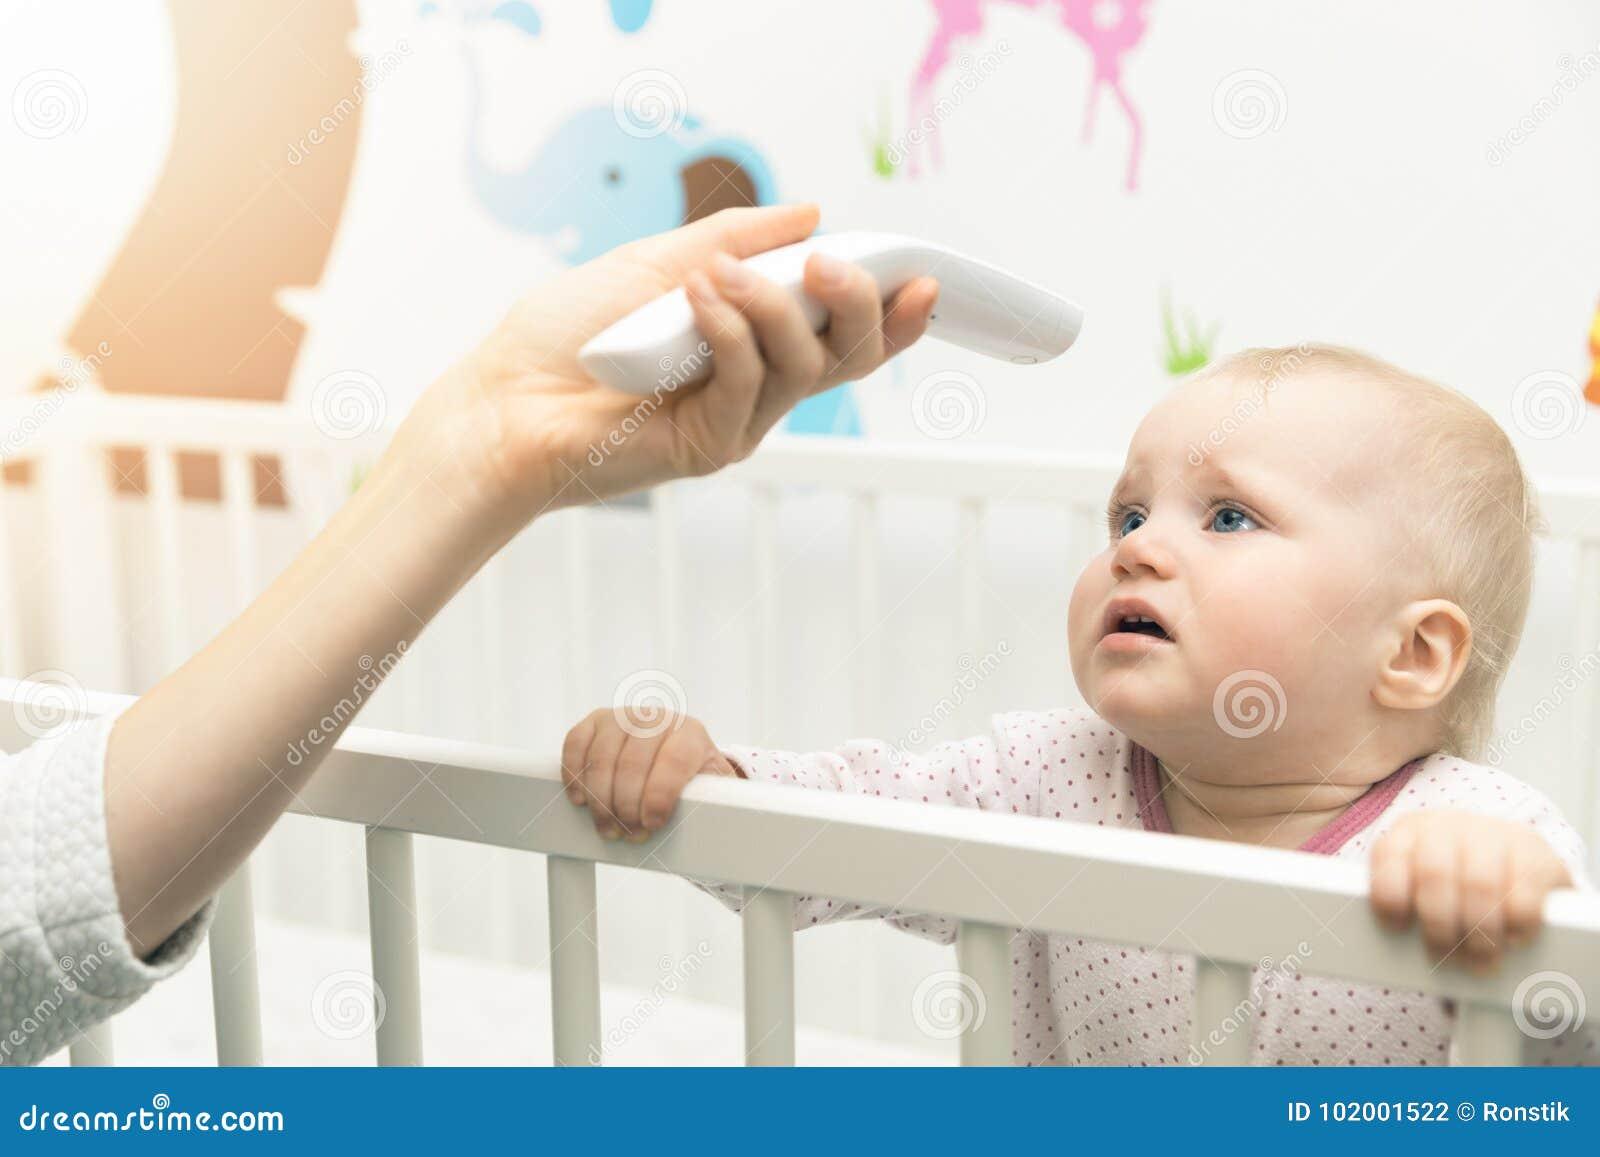 Vérifiez la température du bébé avec non le thermomètre de contact